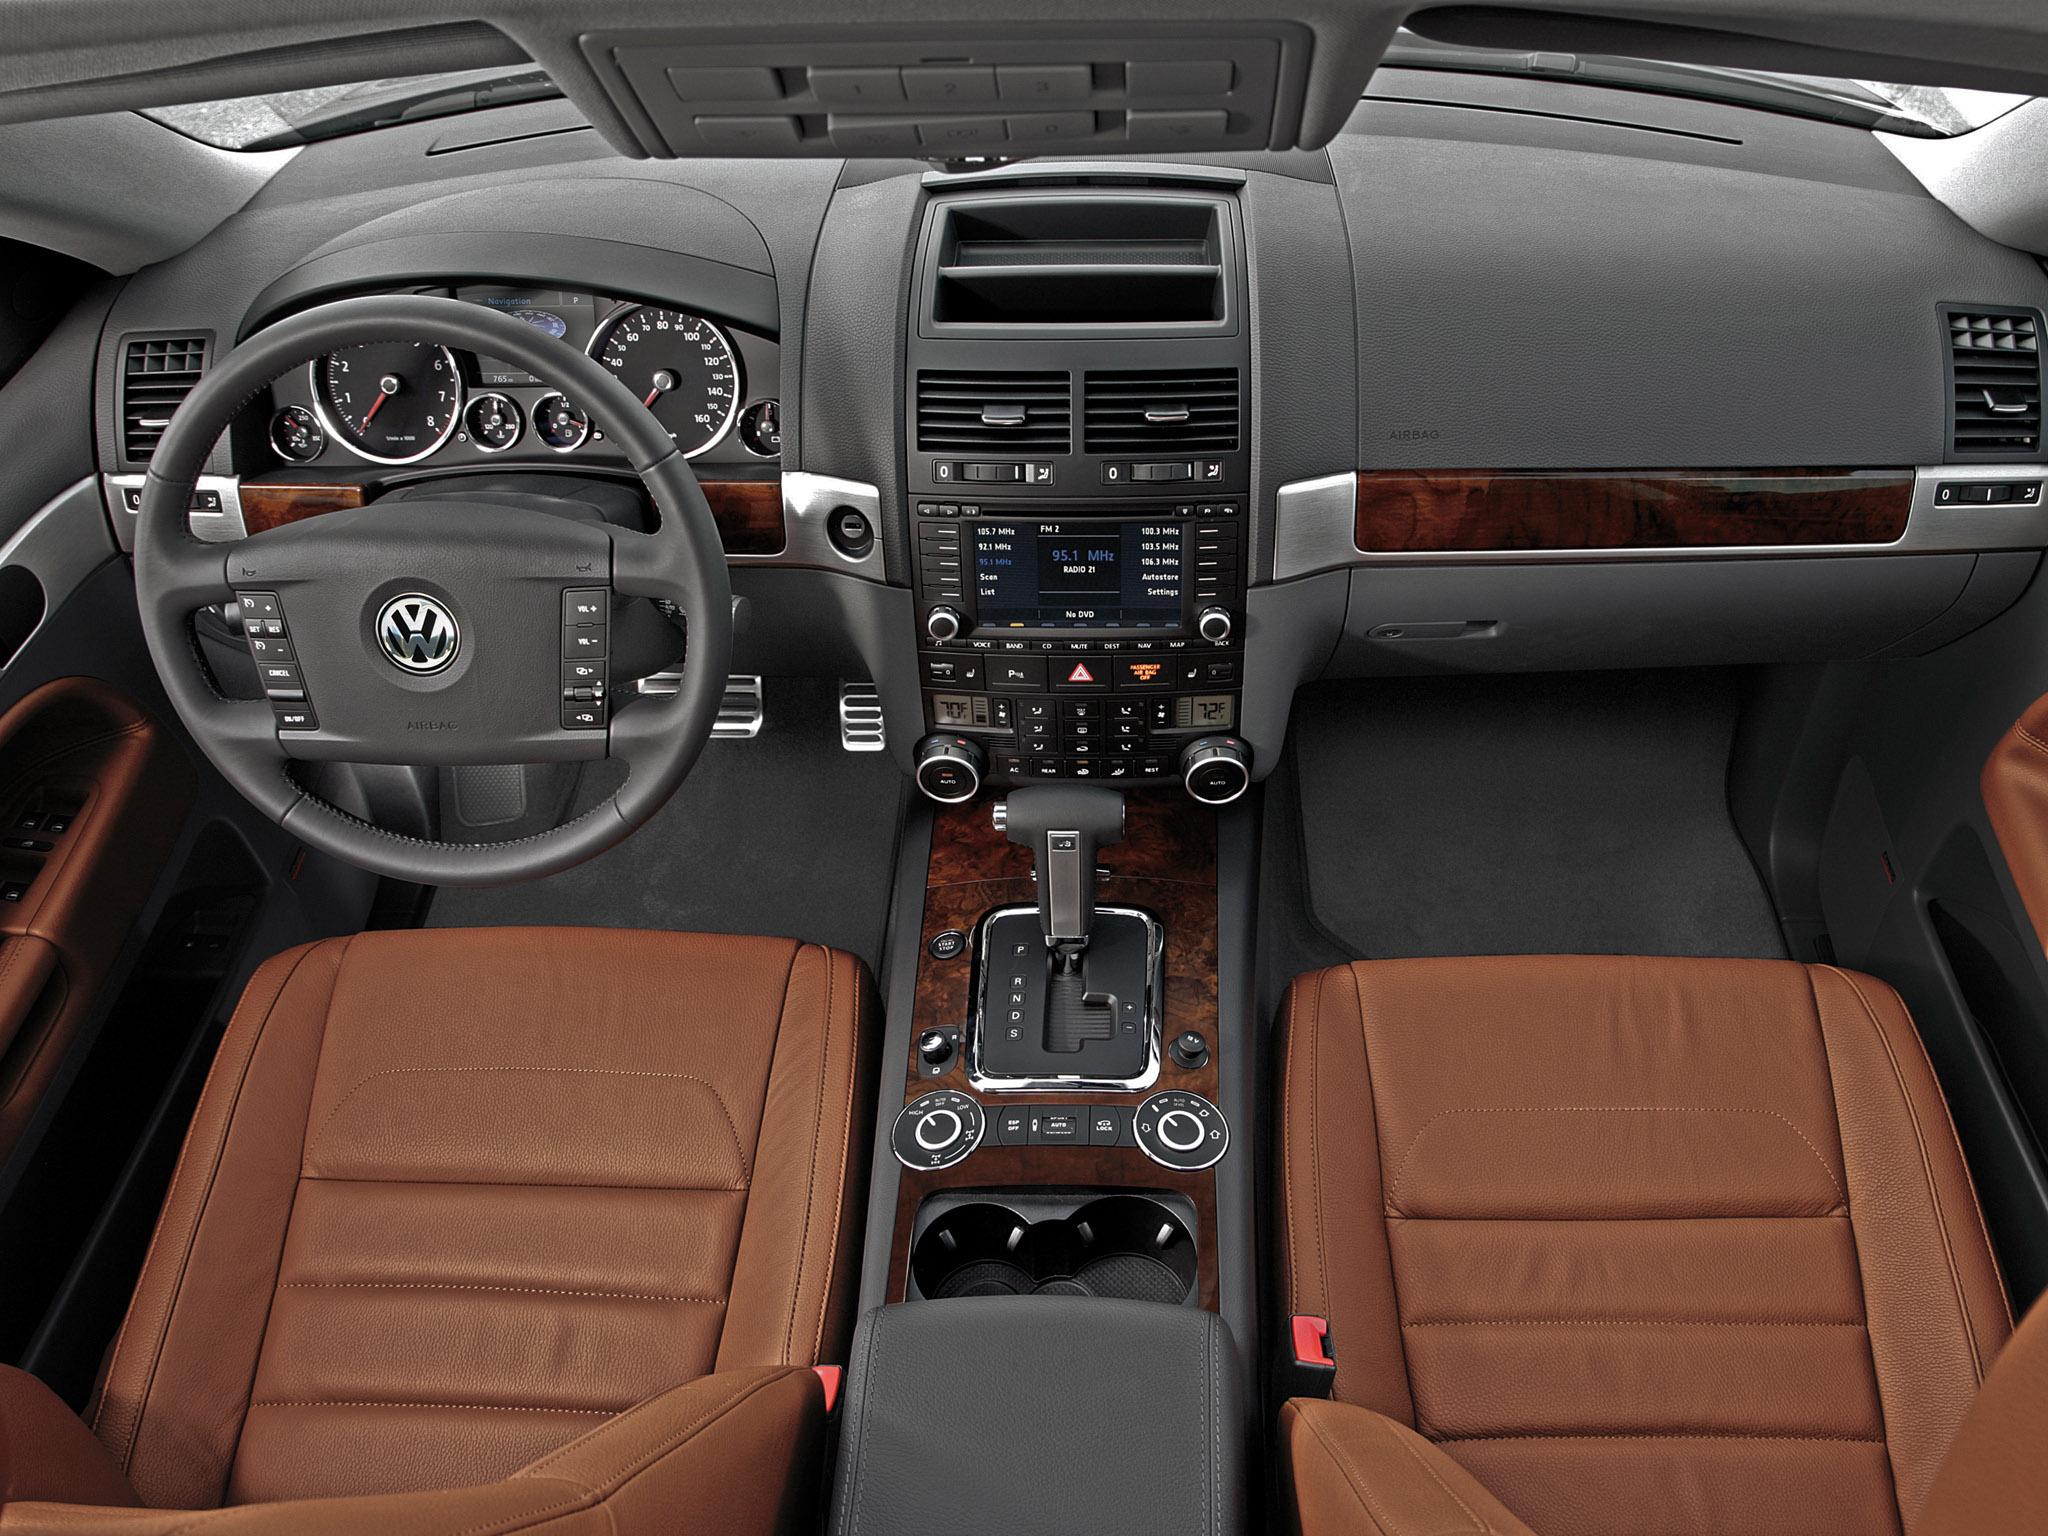 2009 Volkswagen Jetta Dieselvolkswagen Touareg V6 Tdi Clean Diesel Fuse Box 2008 Photo 01